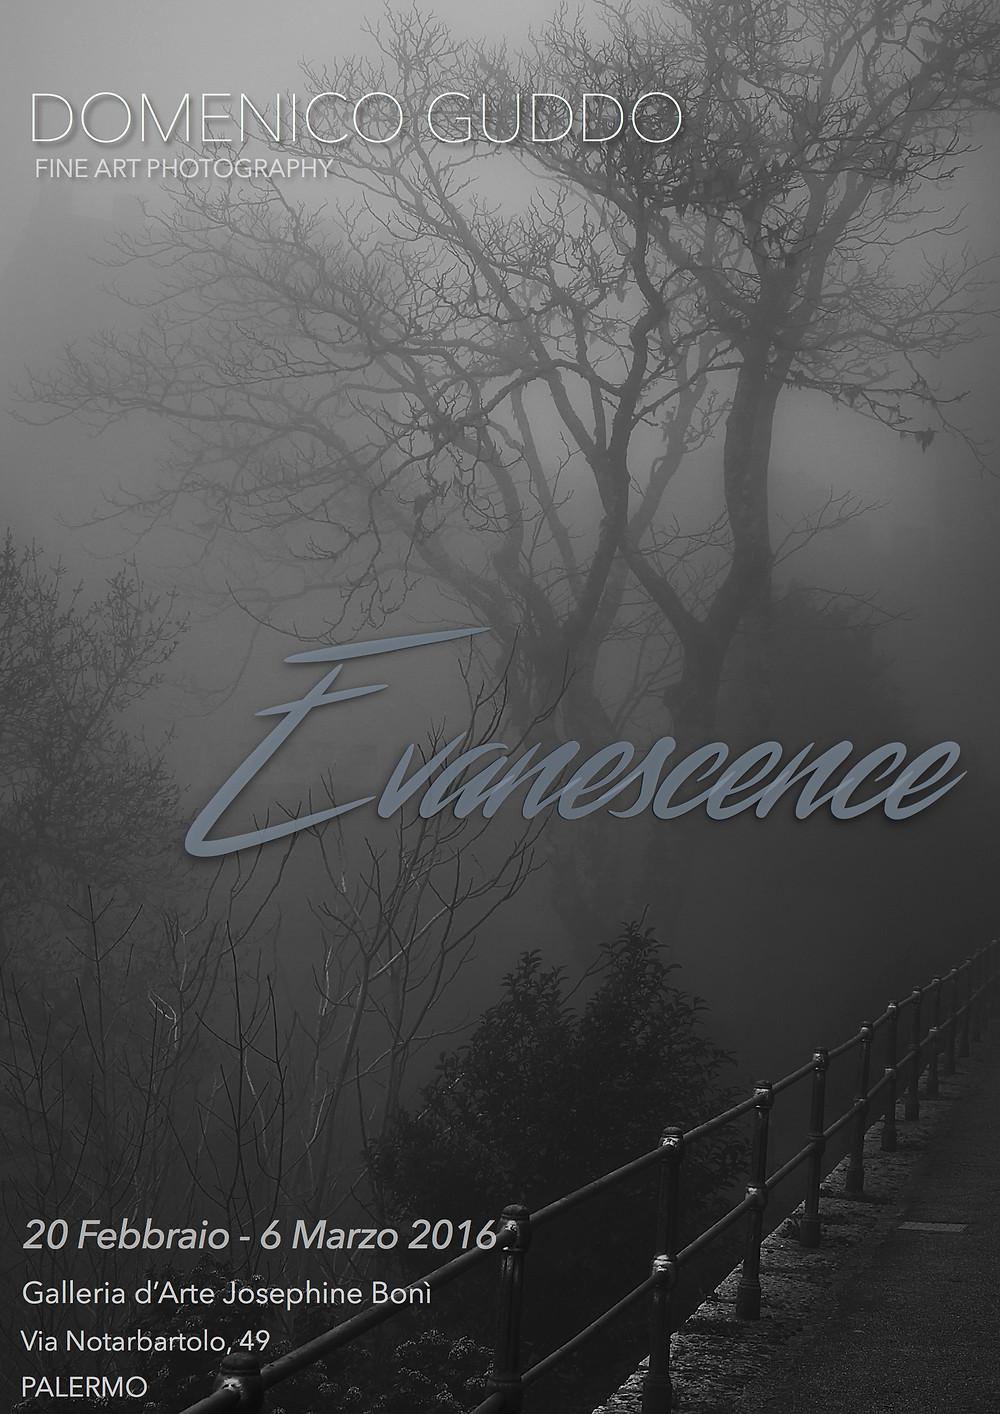 """""""Evanescence"""" ci introduce in una dimensione  che va oltre la realtà esperibile con i sensi, caratterizzata da  un'atmosfera mistica, talvolta angosciante, pregna di valenze simboliche. Tutto ciò che è evanescente, è indistinto e inderminato,  rappresenta quella zona d'ombra che simboleggia l'incertezza, una sorta di dimensione  intermedia posta tra il reale e l'irreale. Da questo punto di vista la fotografia, abbandona la sua dimensione fisica per trasportarci in un viaggio extrasensoriale, attraverso un percorso che perdendosi nella nebbia si dilegua, assumendo contorni sempre più sfumati, evanescenti...un viaggio emozionale alla ricerca di se stessi, che comporta il perdersi e il ritrovarsi in quella nebbia, che rendendo  tutto più difficile da distinguere e decodificare,  rievoca ancestrali paure, l'insicurezza, l'instabilità, di ciò che deve ancora assumere dei contorni definiti o un aspetto concreto e reale. Un luogo senza confini verso cui l'artista volge il proprio obiettivo, esperendo un viaggio verso  un nulla indistinto in cui dissolvere se stesso, alla ricerca di punti di riferimento. La nebbia in tal senso si carica di una ulteriore valenza simbolica rappresentando un varco, un passaggio propedeutico ad un processo che attraverso il mutamento e la trasformazione, cerca di attingere alla verità più profonda, mentre la realtà cambia i suoi confini, si svela,     lasciando talvolta penetrare la luce, che strappa il mondo agli abissi del buio e delinea i contorni, agevolando la differenziazione e il processo di conoscenza... L' artista attraverso i suoi scatti e la sua sensibilità delinea dunque i tratti della dimora del nostro inconscio, un luogo di confine, di fusione e confusione, in cui dialoga il reale e il non reale, la certezza e l'indecisione...un luogo di cui riecheggia dentro di noi, sospeso in una dimensione onirica,  soltanto un ricordo evanescente..."""